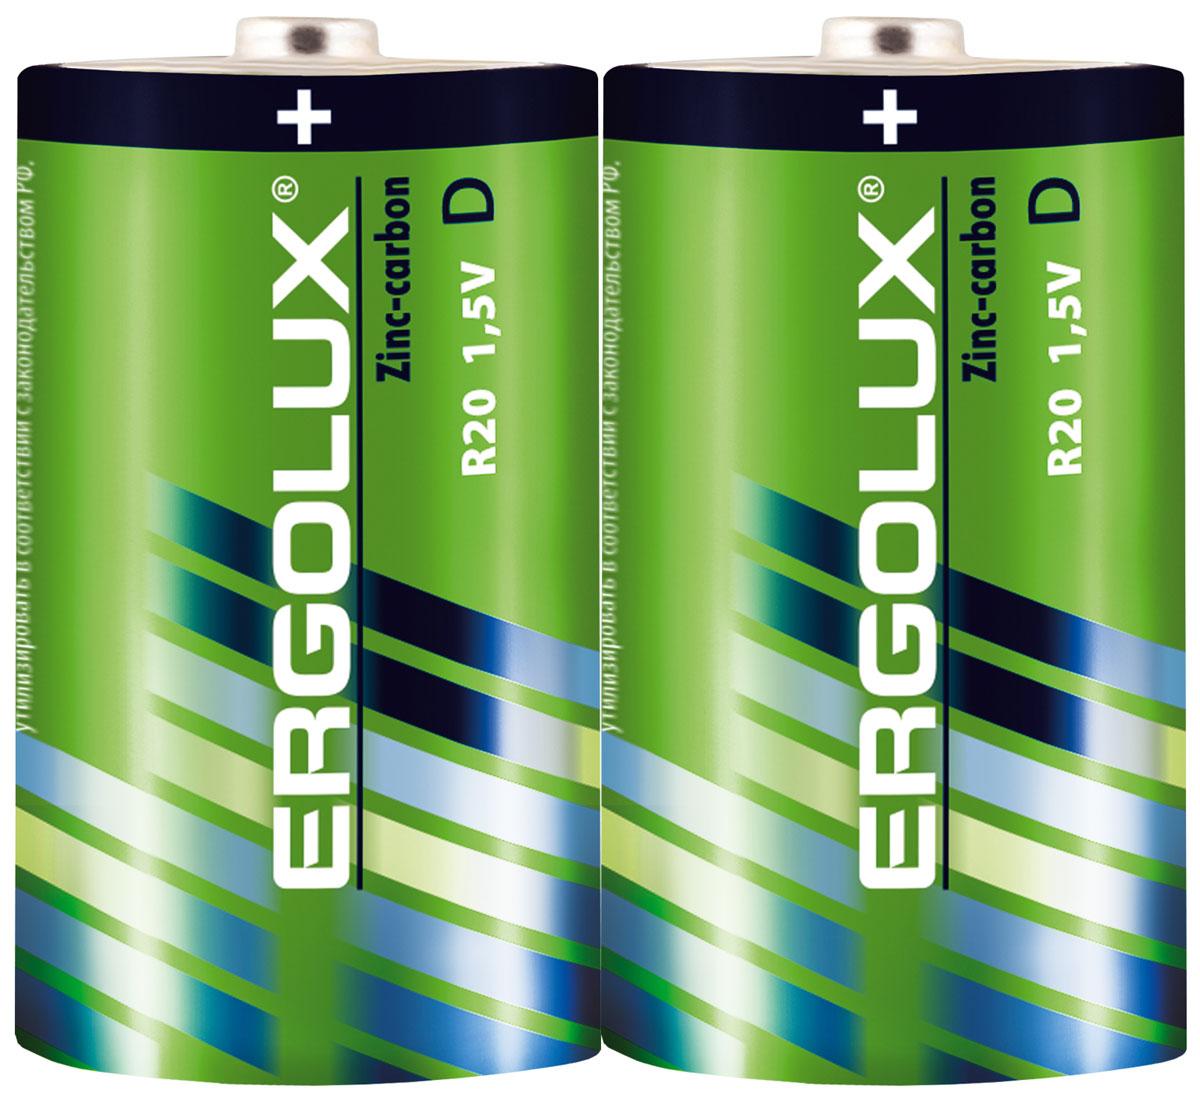 Батарейка солевая Ergolux, тип R20 SR2, 1,5 В, 2 шт12442Недорогая солевая батарейка. Надежна в эксплуатации. Идеальная батарейка для ежедневного использования. Устойчива к протеканию. Не содержит ртути и кадмия.